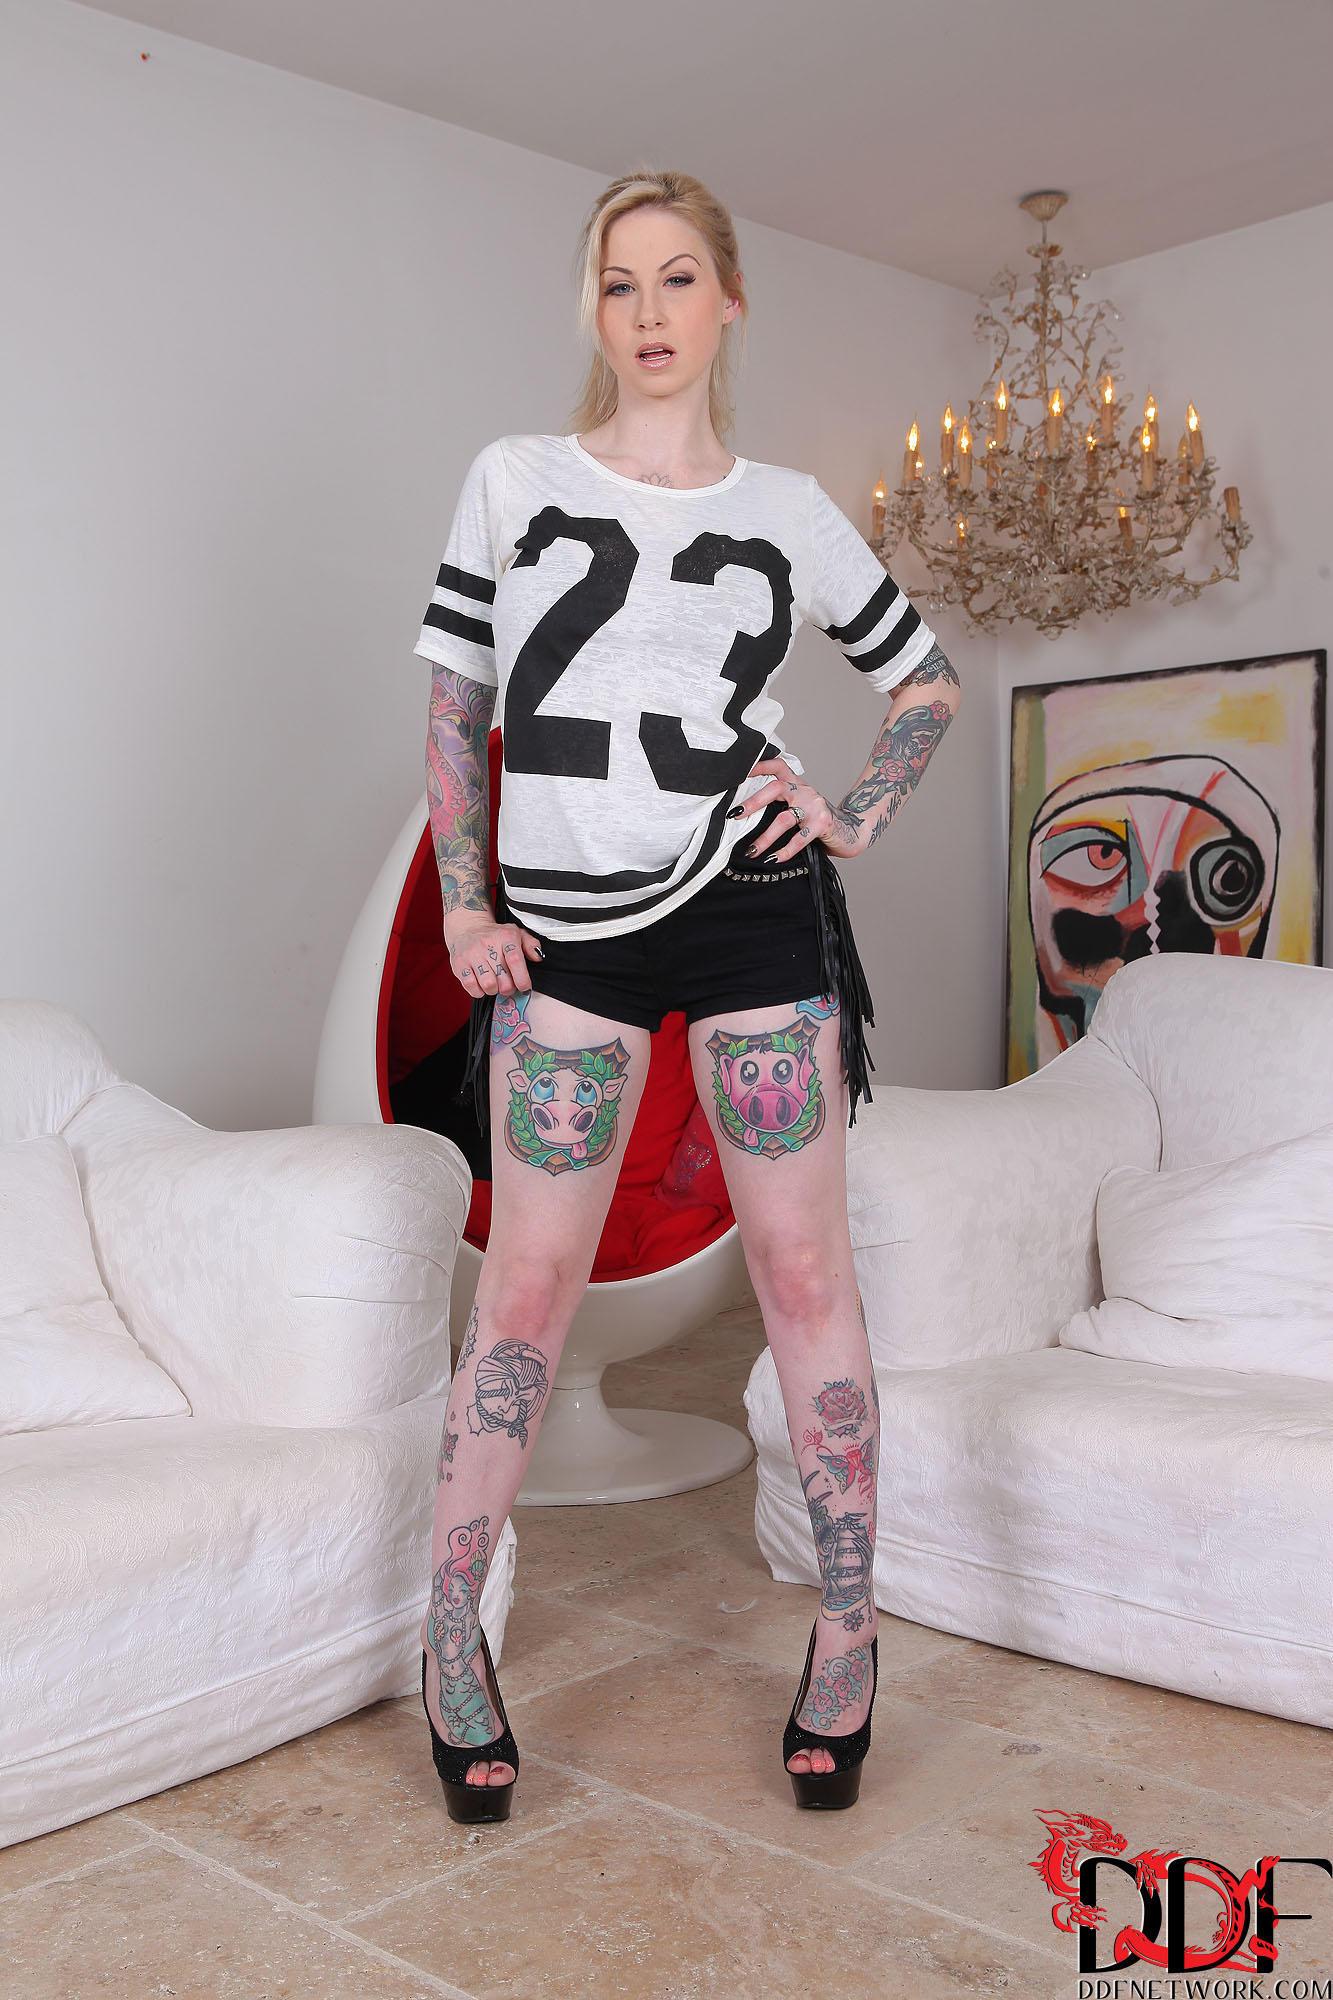 Fascinating blonde babe Hollie Hatton is revealing her tattoos № 348053 загрузить